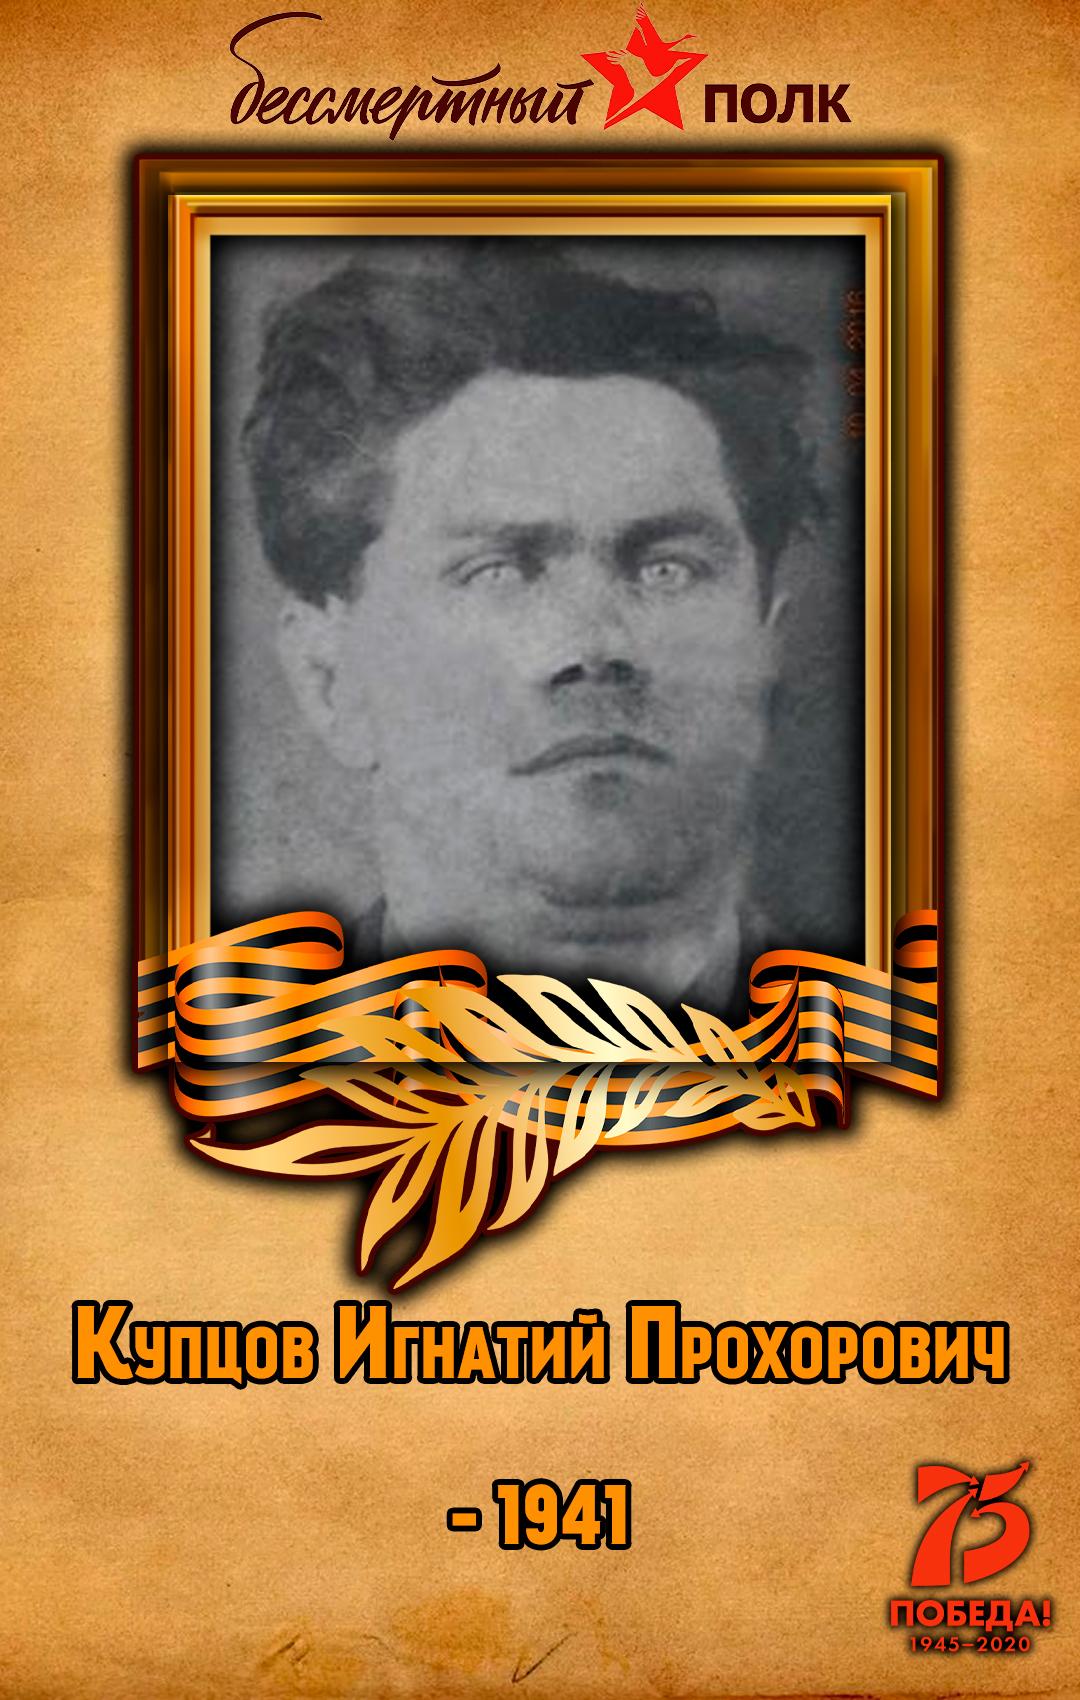 Купцов-Игнатий-Прохорович